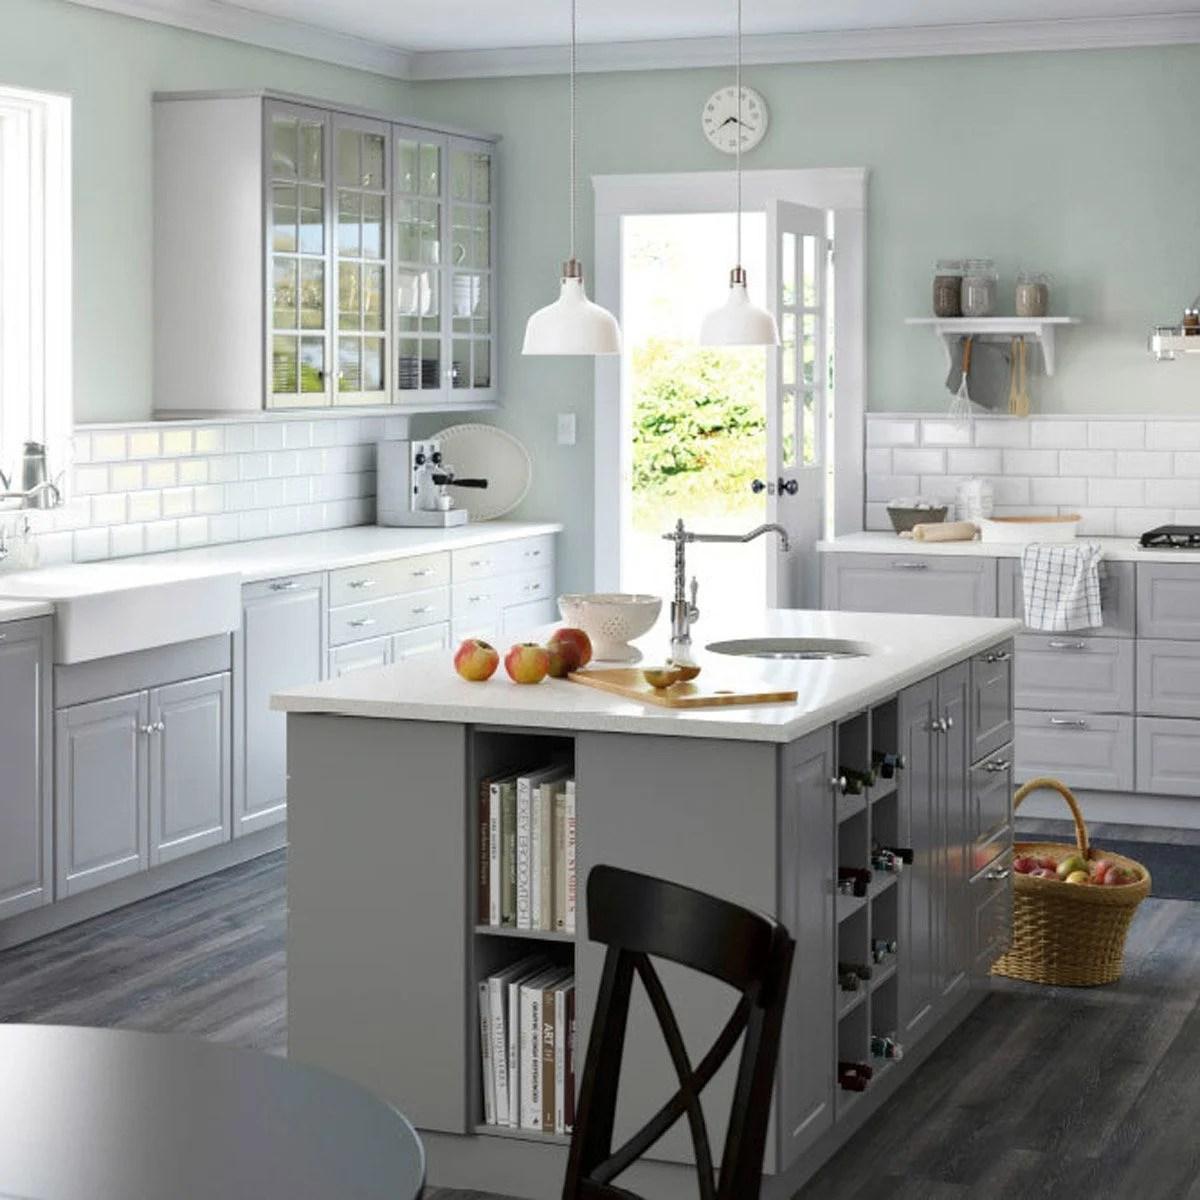 Sparkling Add Bookshelves Kitchen Island Ideas Family Handyman Kitchen Islands S Designs Houzz Kitchen Islands S kitchen Kitchen Islands Pictures